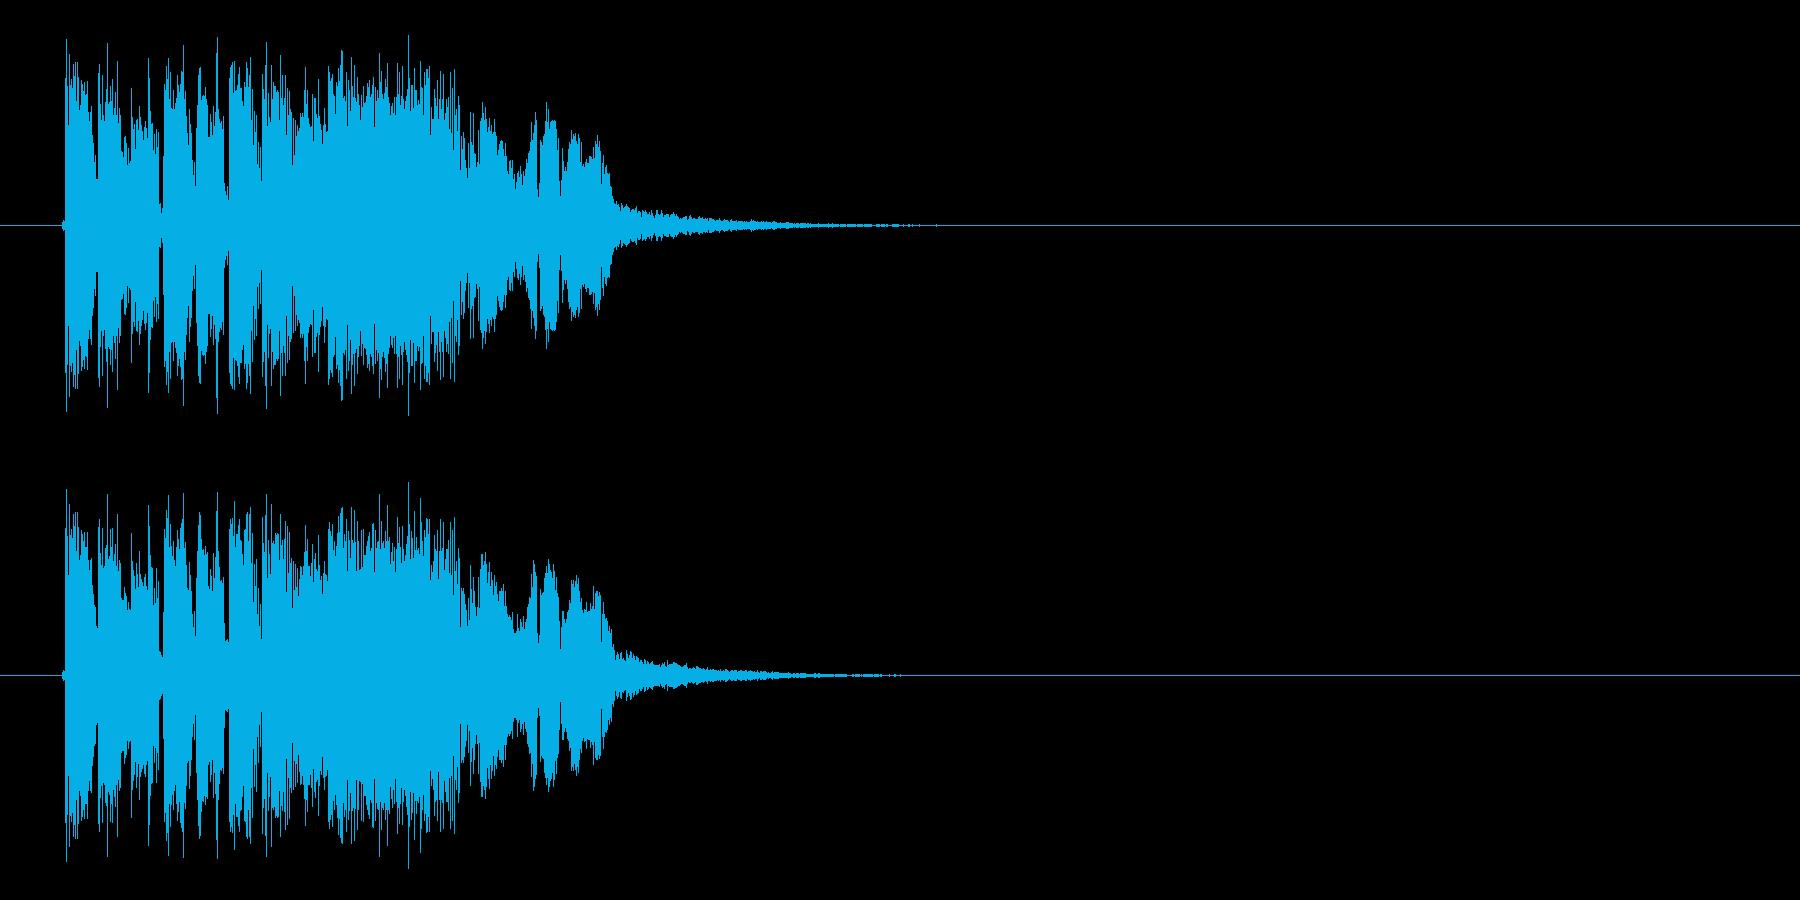 ニュース番組が今から始まるようなシンセ曲の再生済みの波形